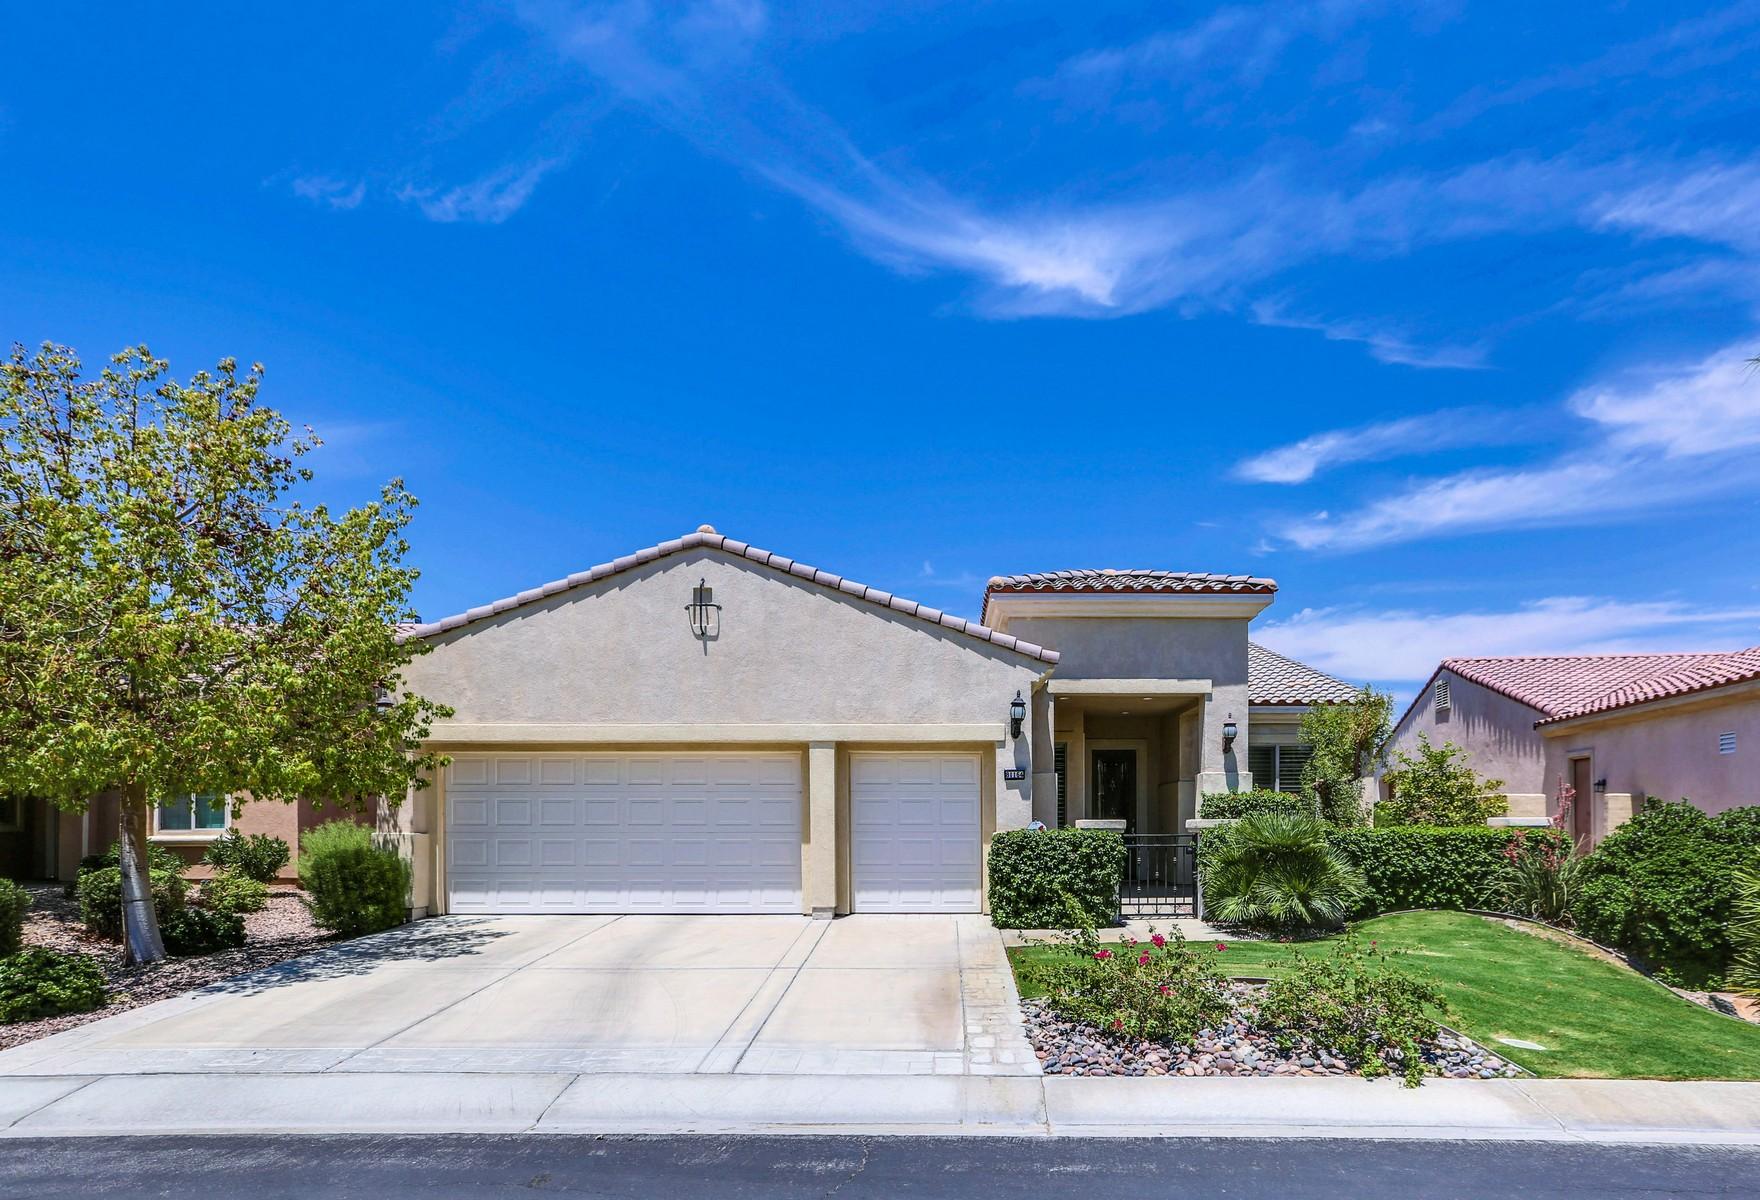 Maison unifamiliale pour l Vente à 81164 Avenida Castelar Indio, Californie 92203 États-Unis